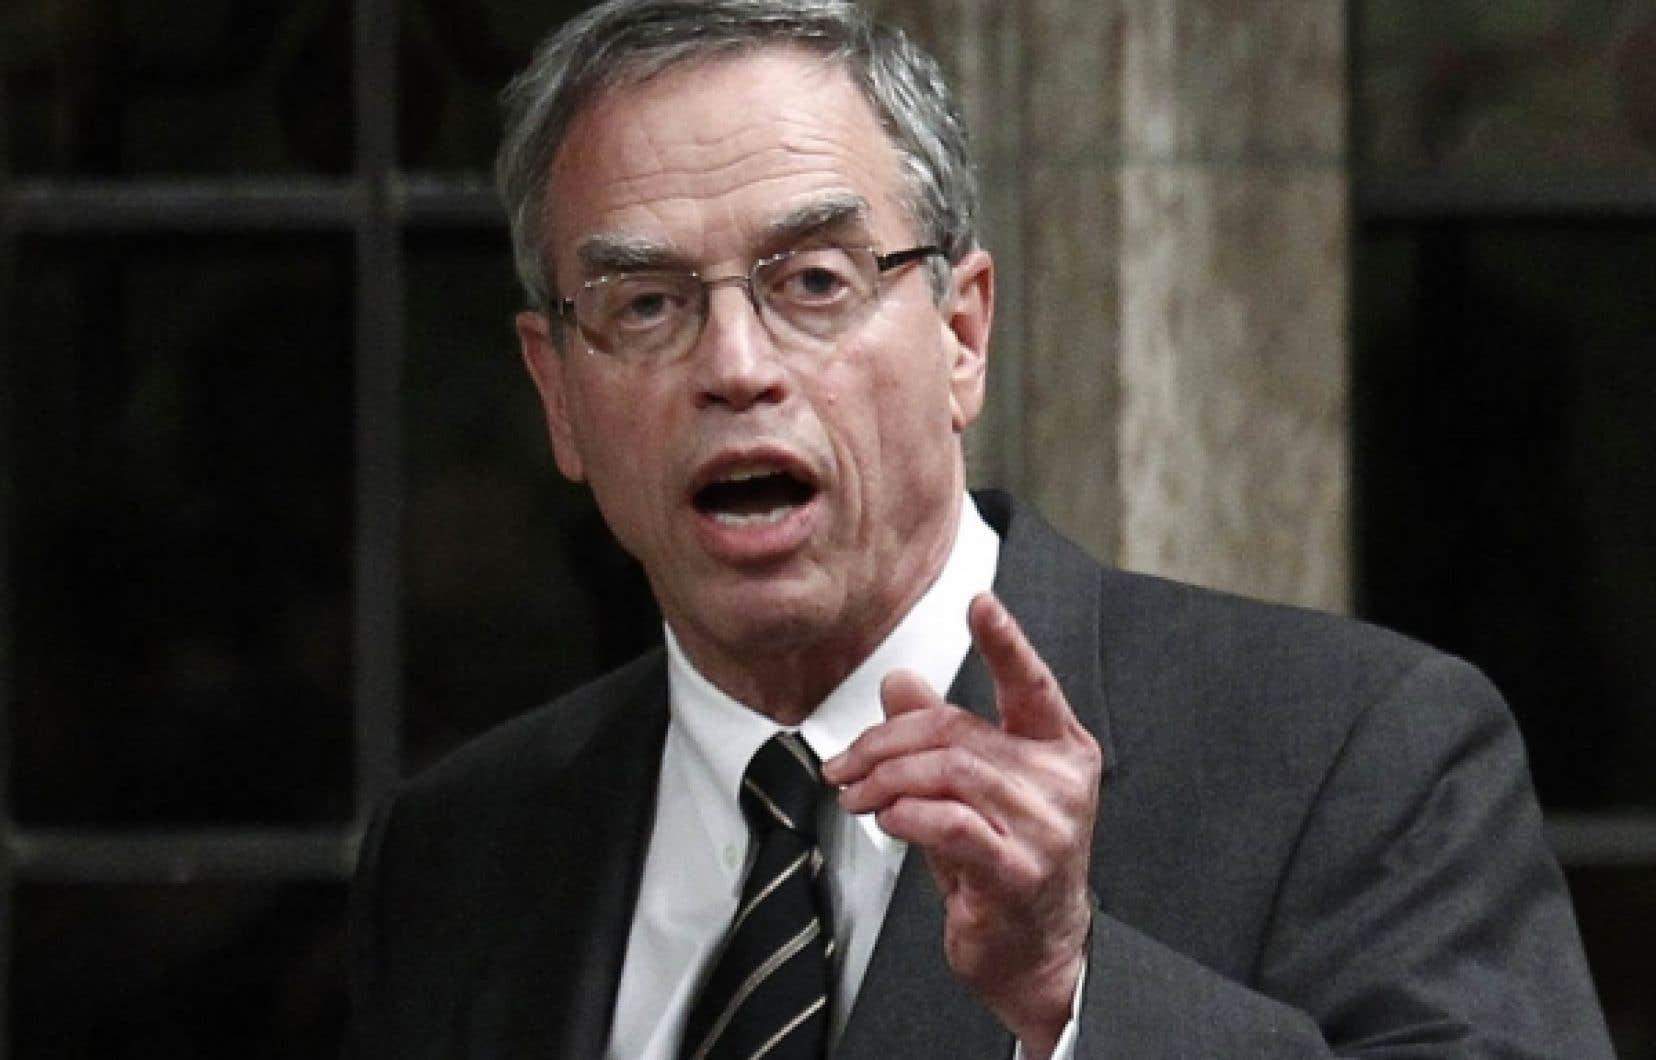 Le ministre fédéral des Ressources naturelles, Joe Oliver, a confirmé que le gouvernement pourrait simplement inclure les modifications annoncées des évaluations environnementales dans le grand projet fourre-tout qui mettra le budget en application.